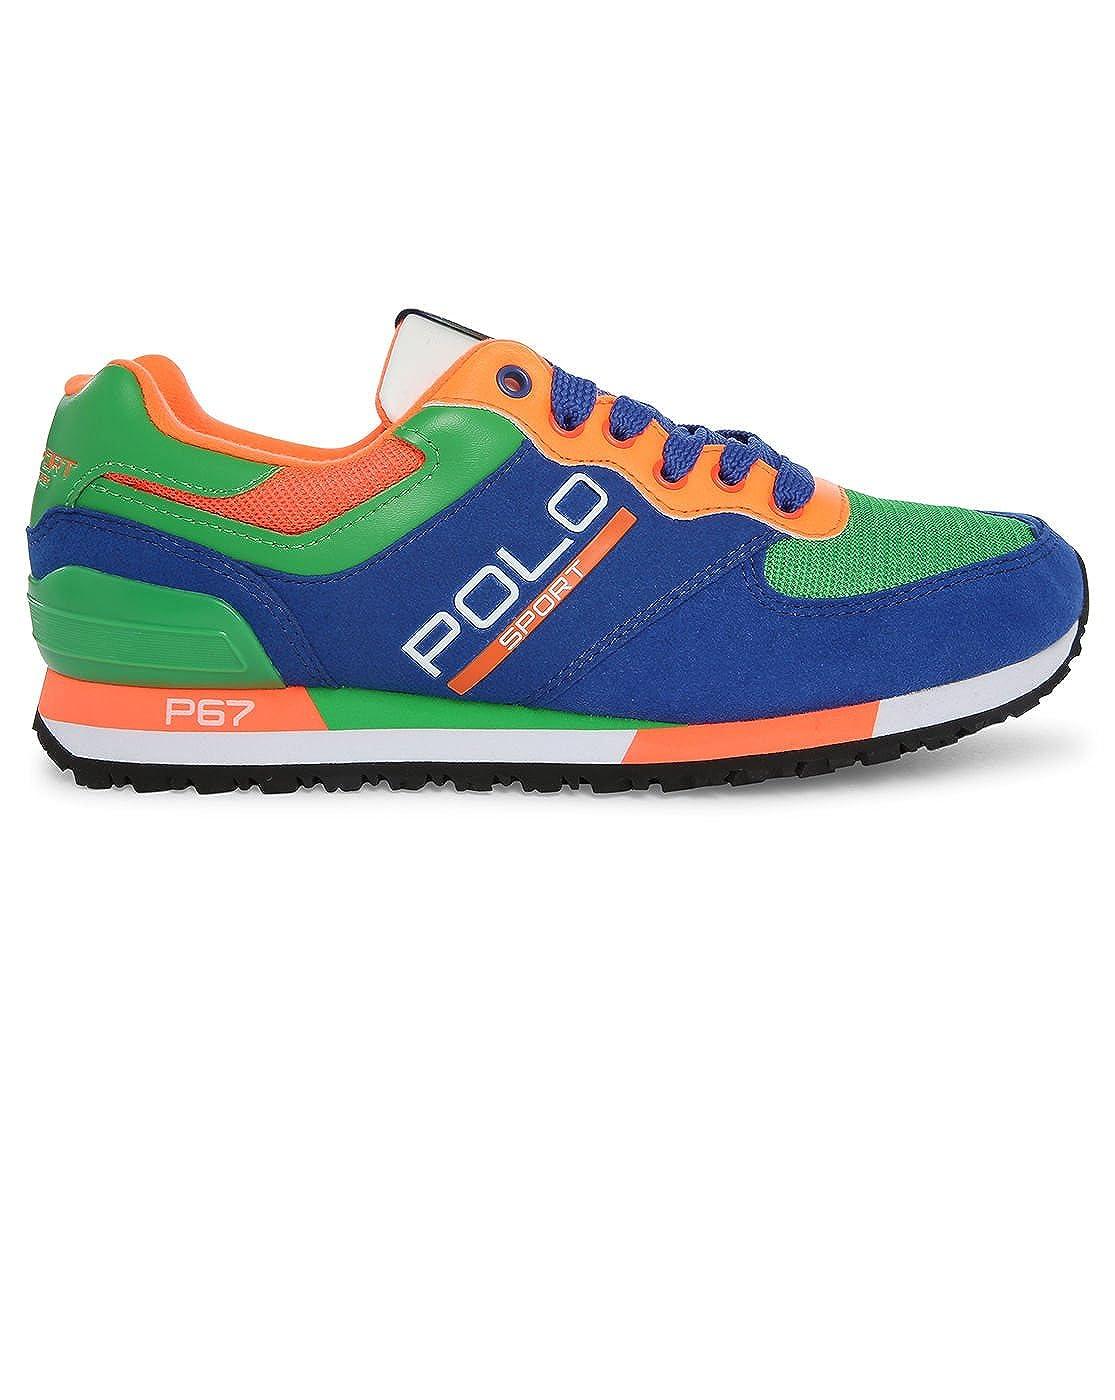 Polo Ralph Lauren - Zapatillas de Deporte de Ante Hombre, Azul ...